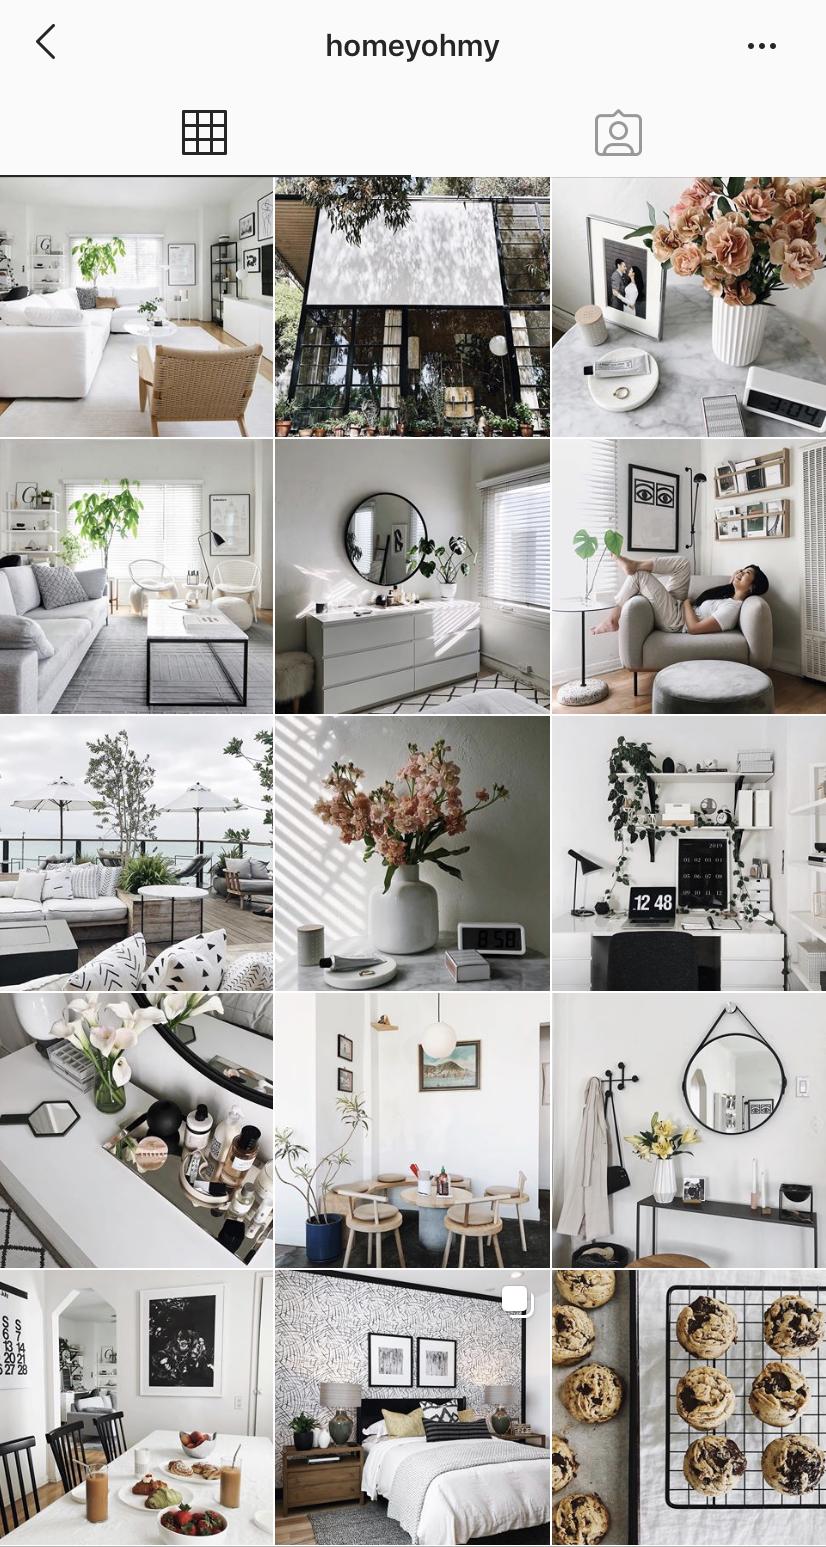 Homeyohmy Interior Design Instagram